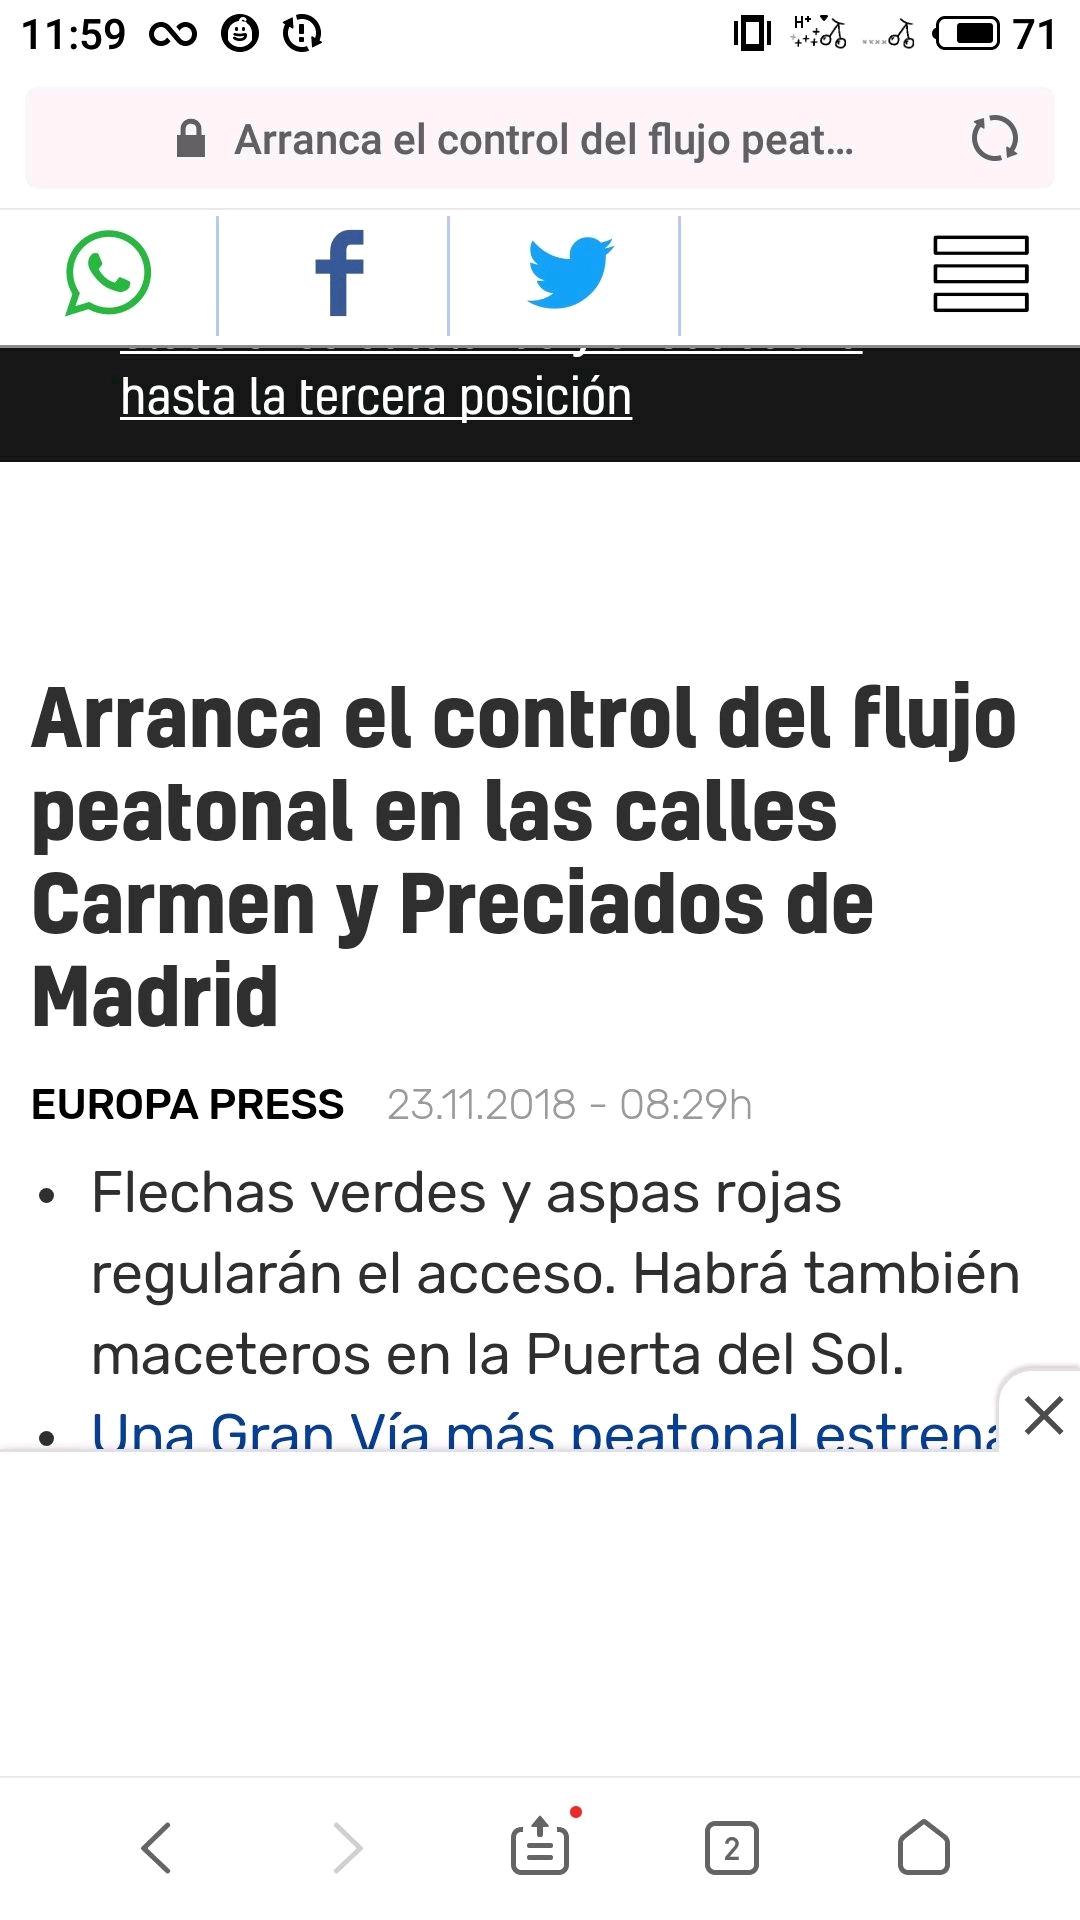 圣诞节,马德里这些街道要控制人流量了